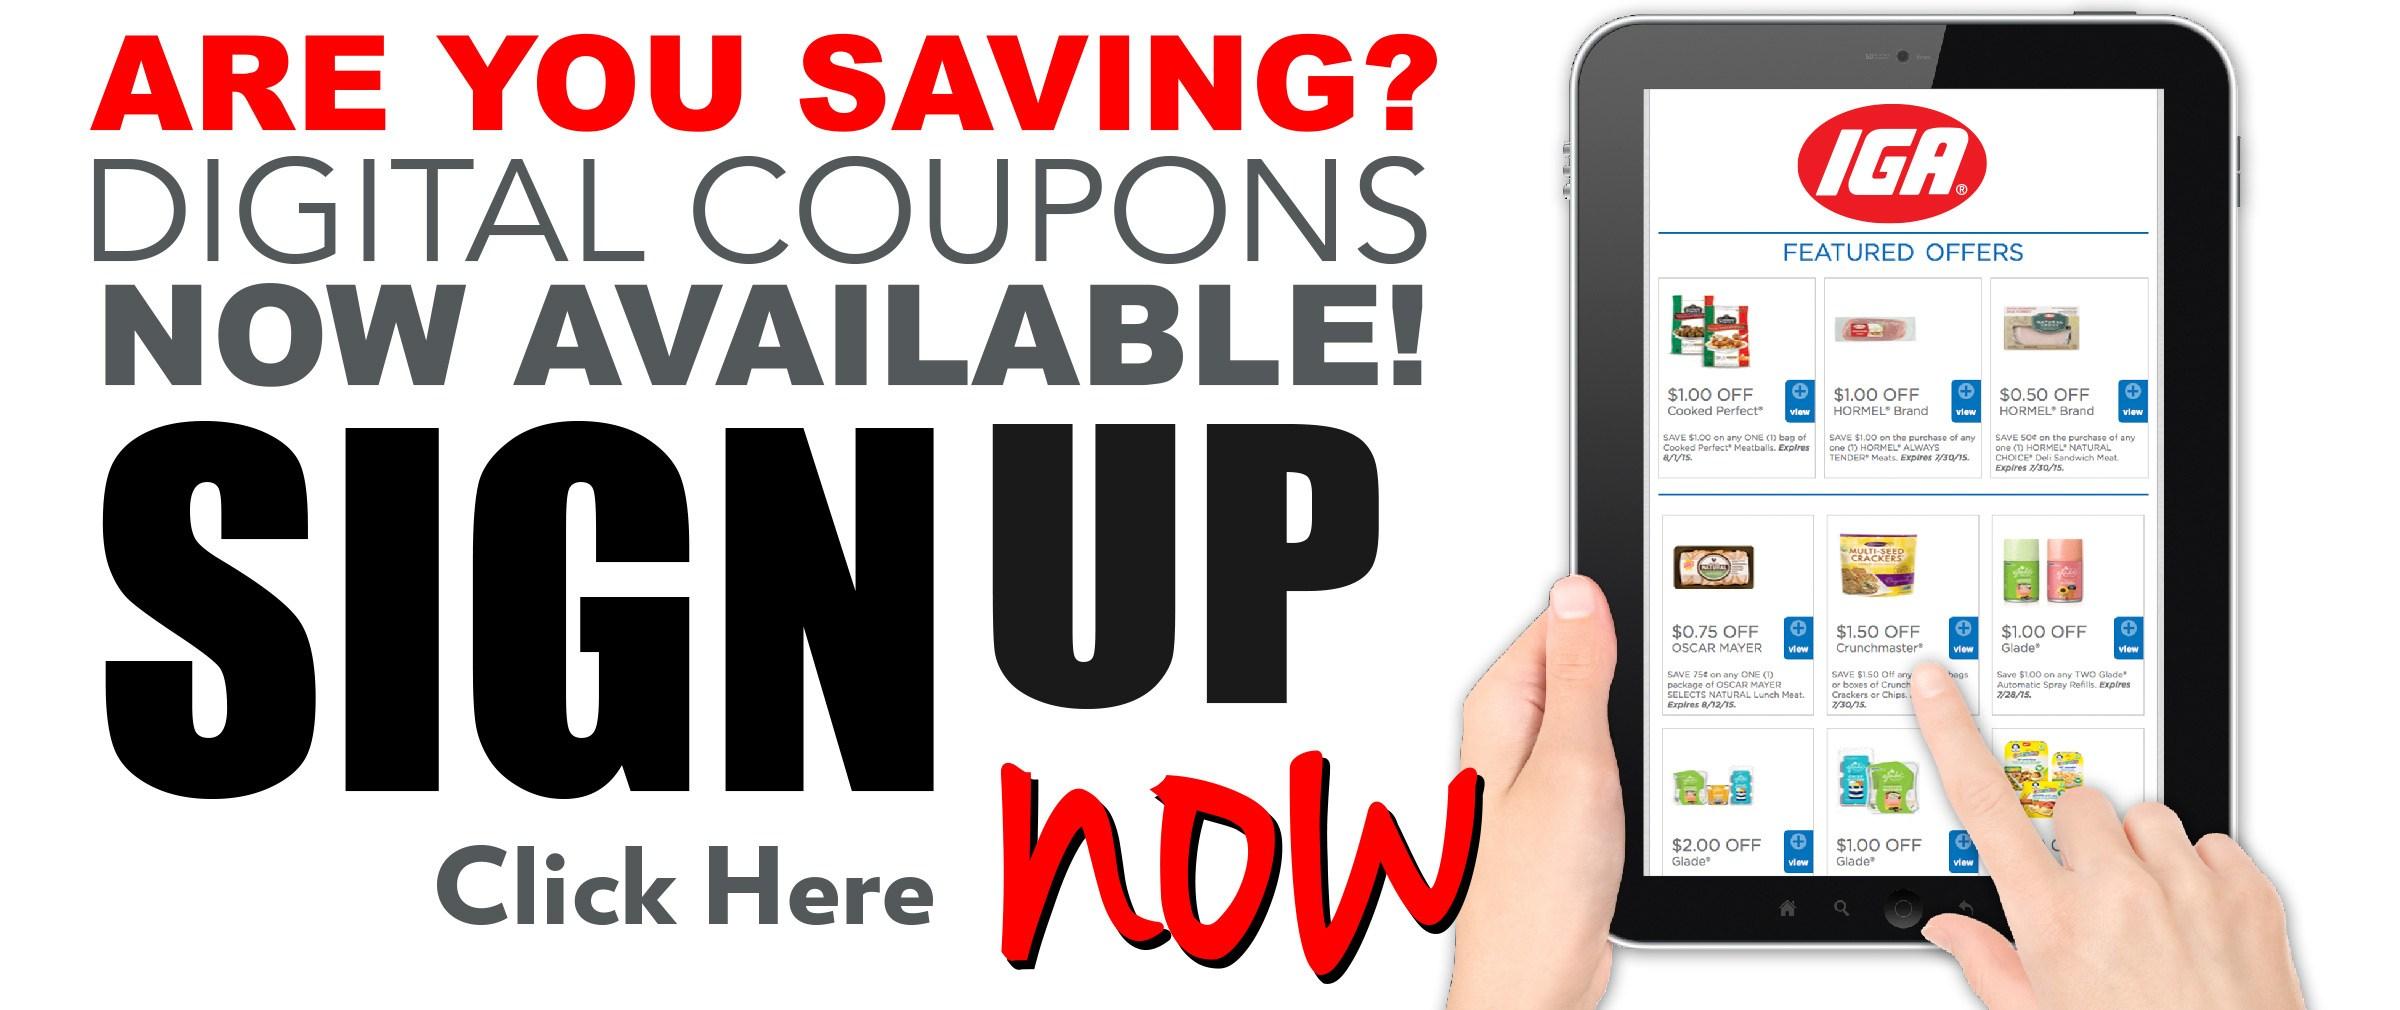 iga_digital-coupons_webslider